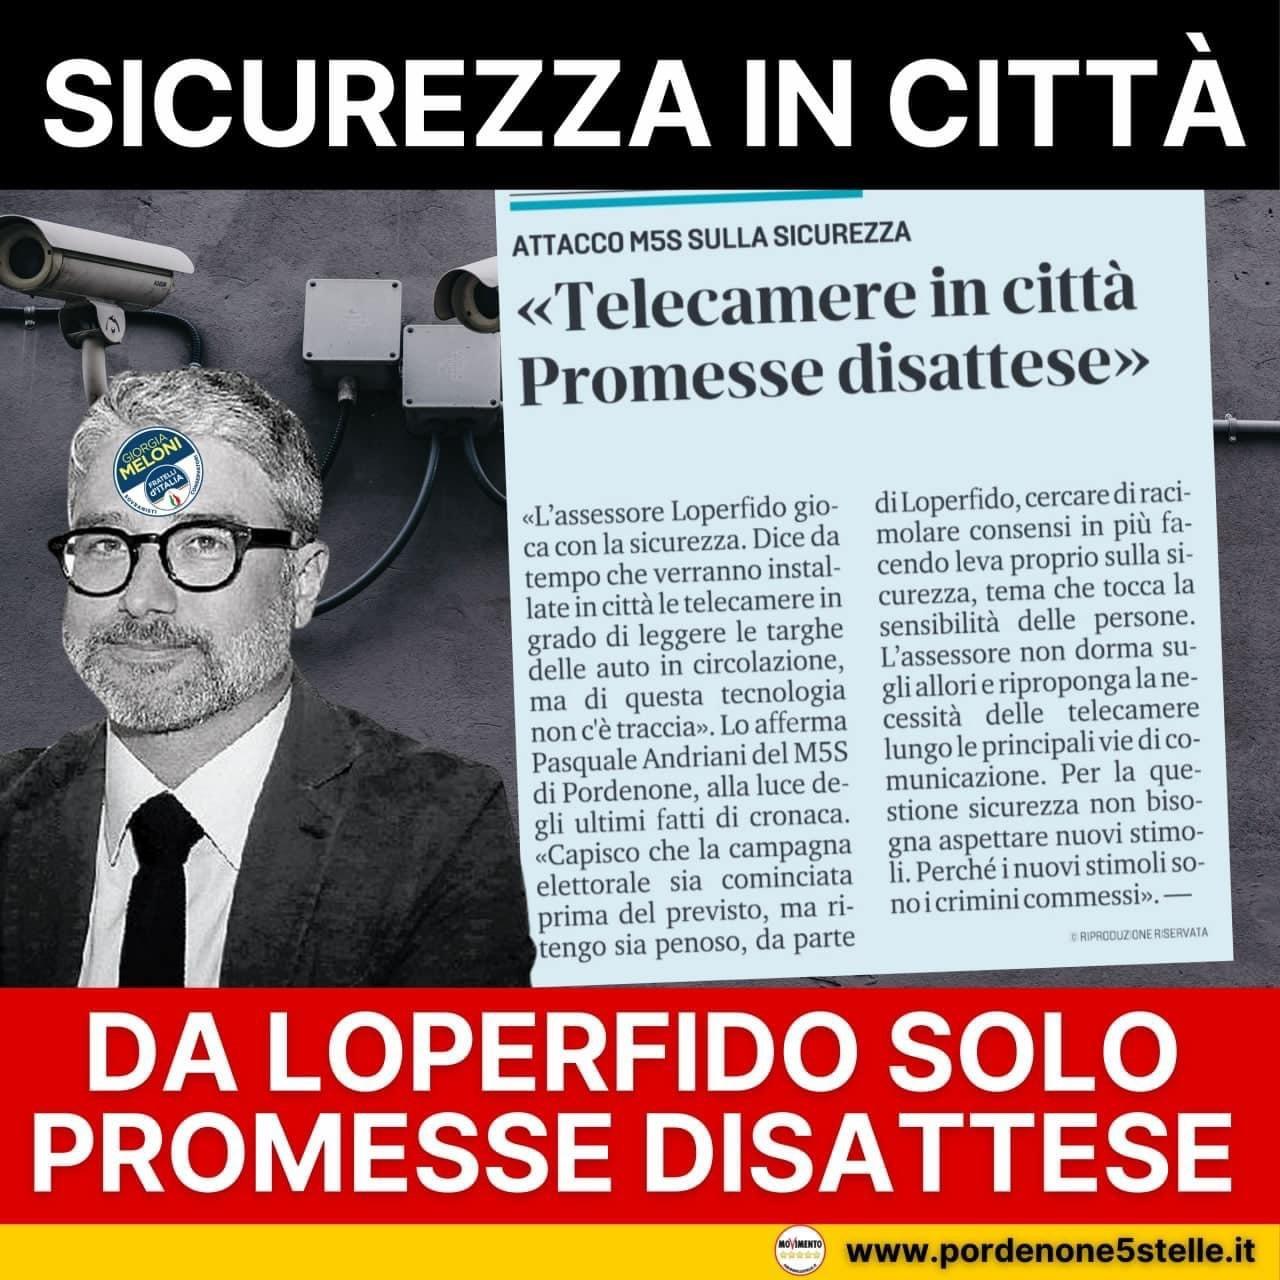 ANDRIANI: L'assessore Loperfido gioca con la sicurezza.